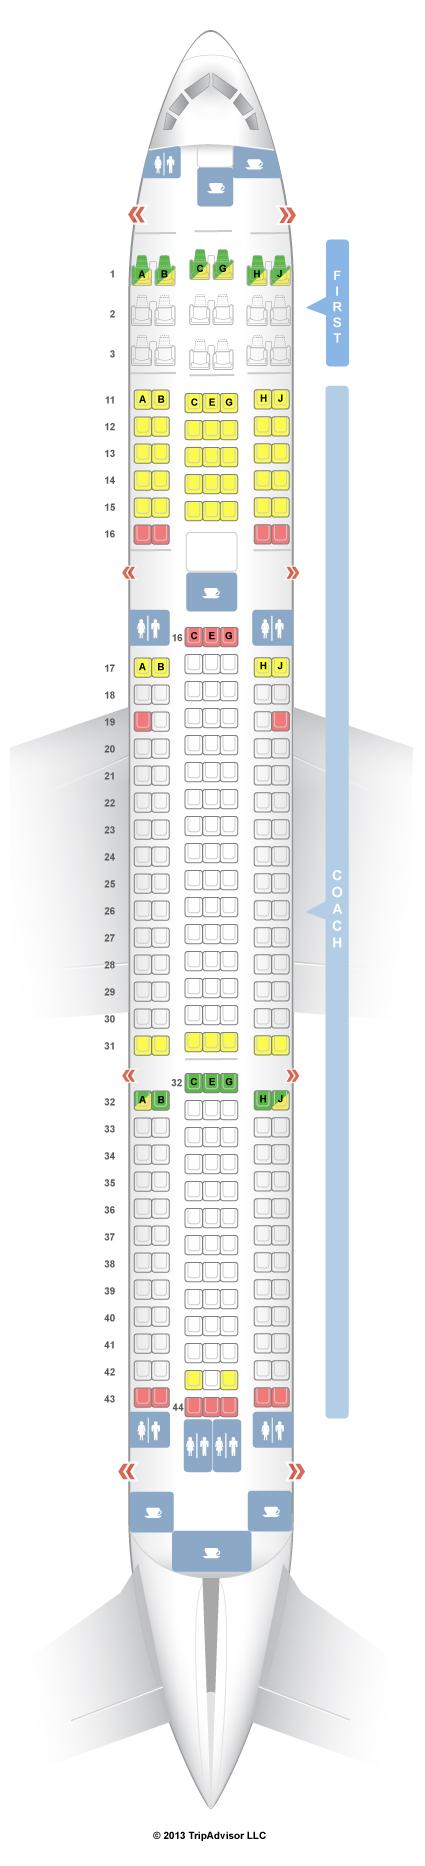 Seatguru seat map hawaiian airlines